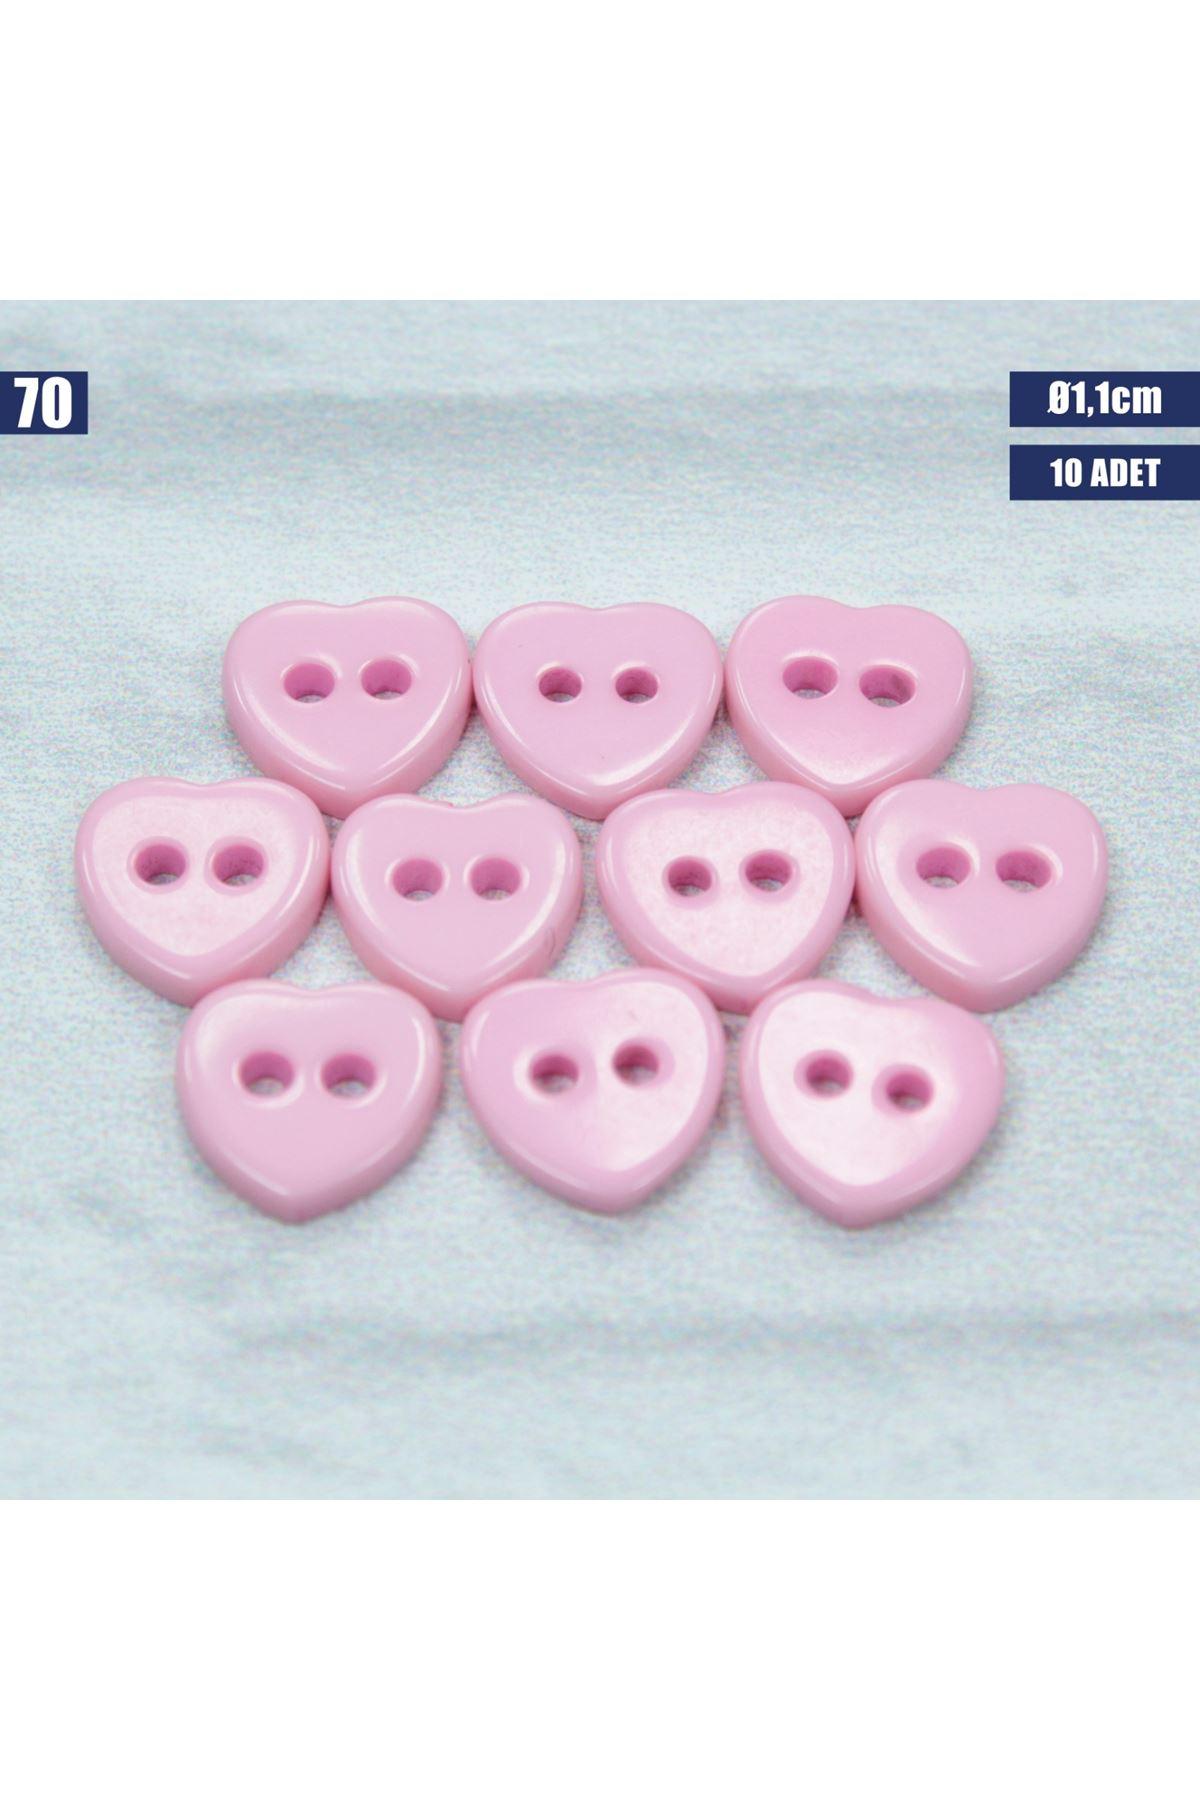 Amigurumi Düğmesi Ø 1,1cm - 70